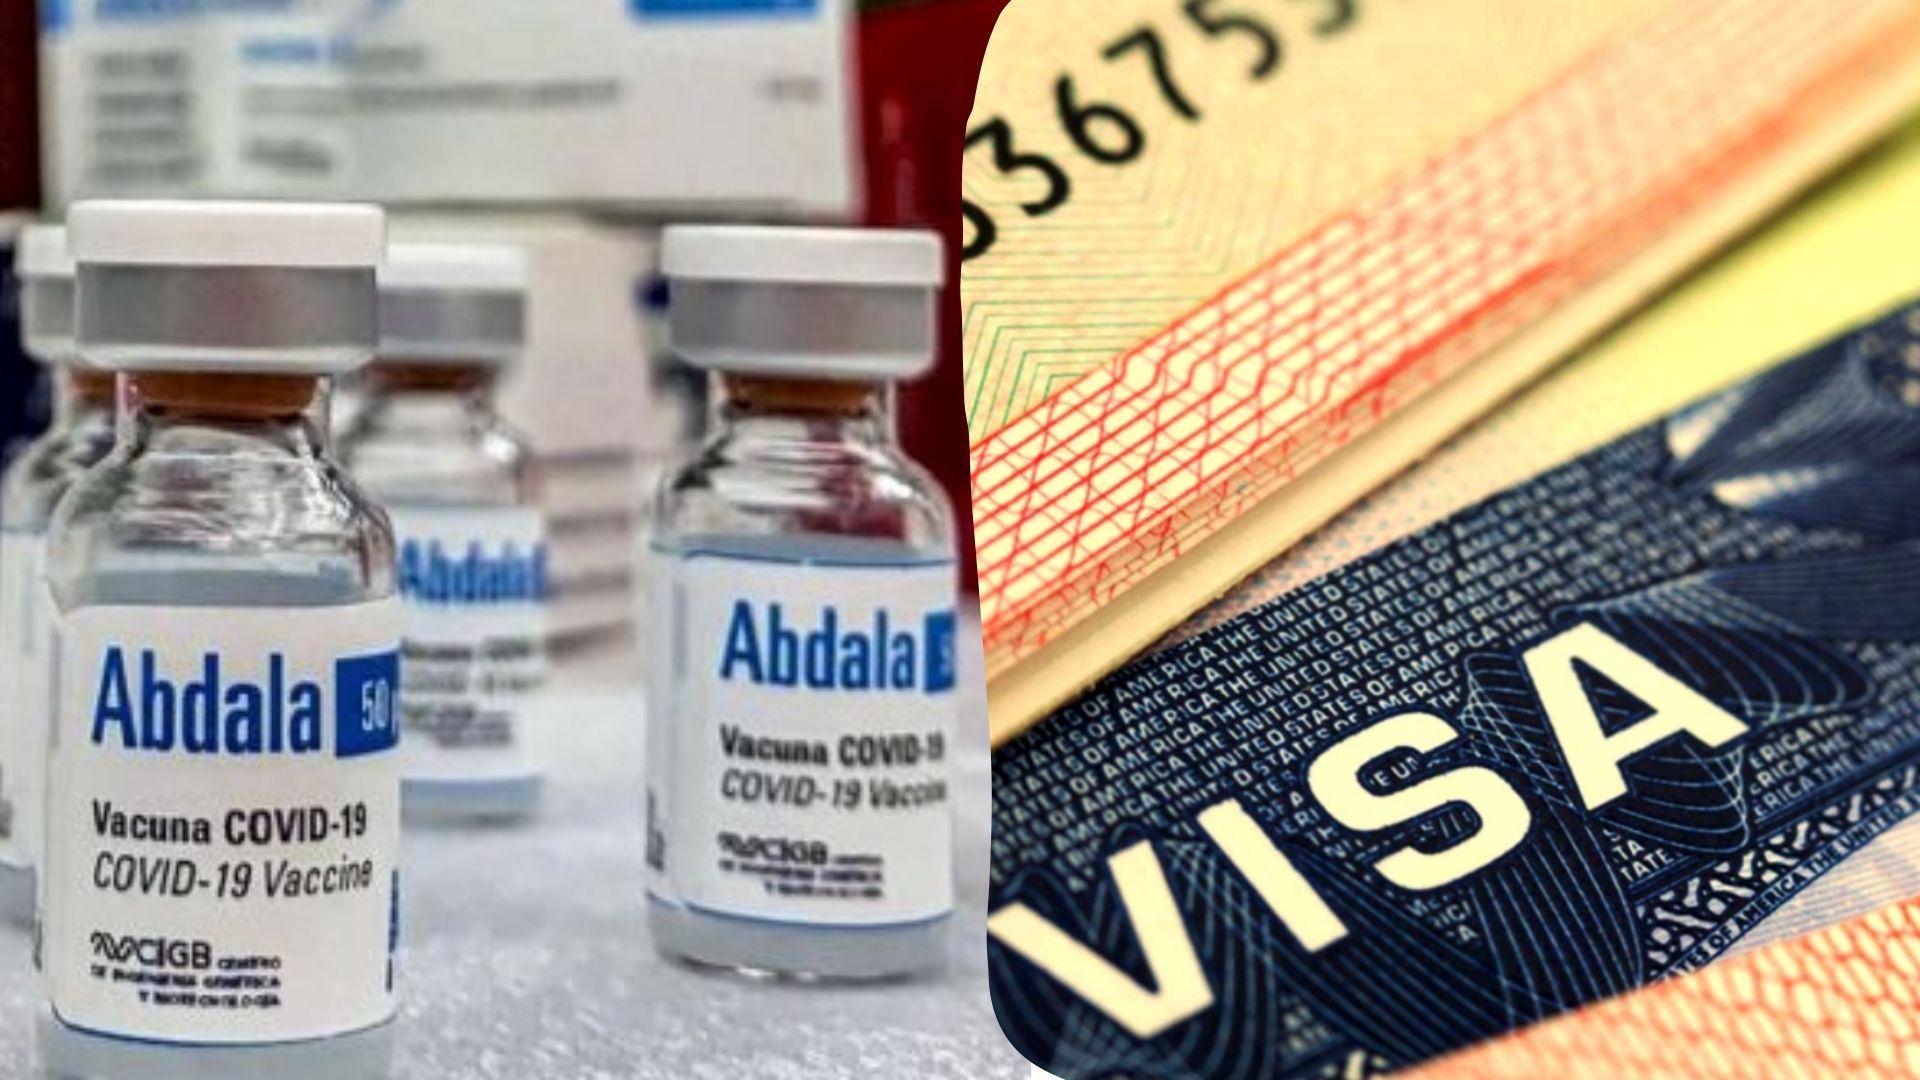 cdc: vacunados con abdala y sputnik necesitan nuevas vacunas para viajar a eeuu